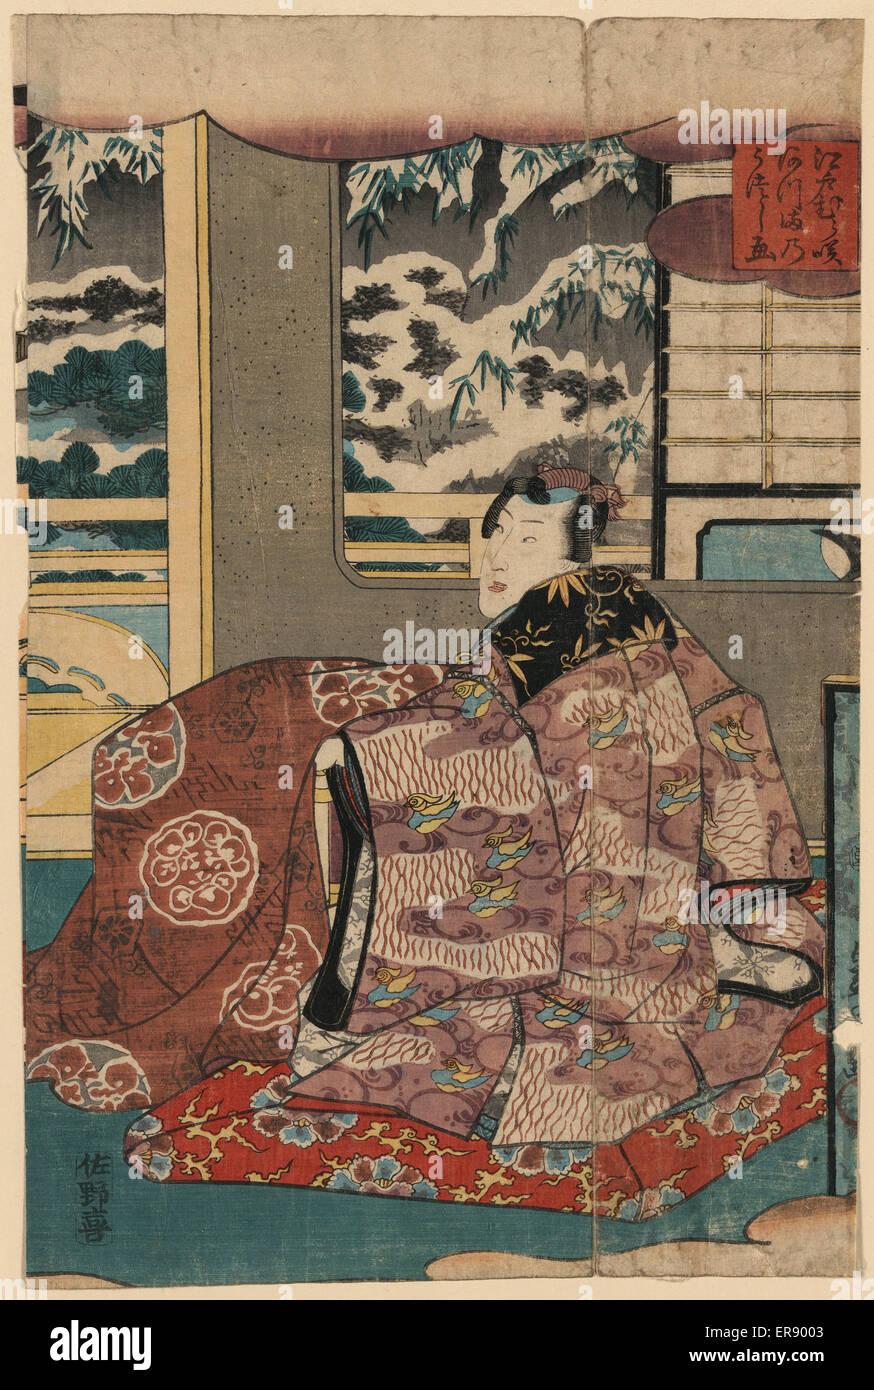 Eine Ost-Ansicht der lila gefärbten Edomurasaki. Datum zwischen 1844 und 1854. Stockfoto